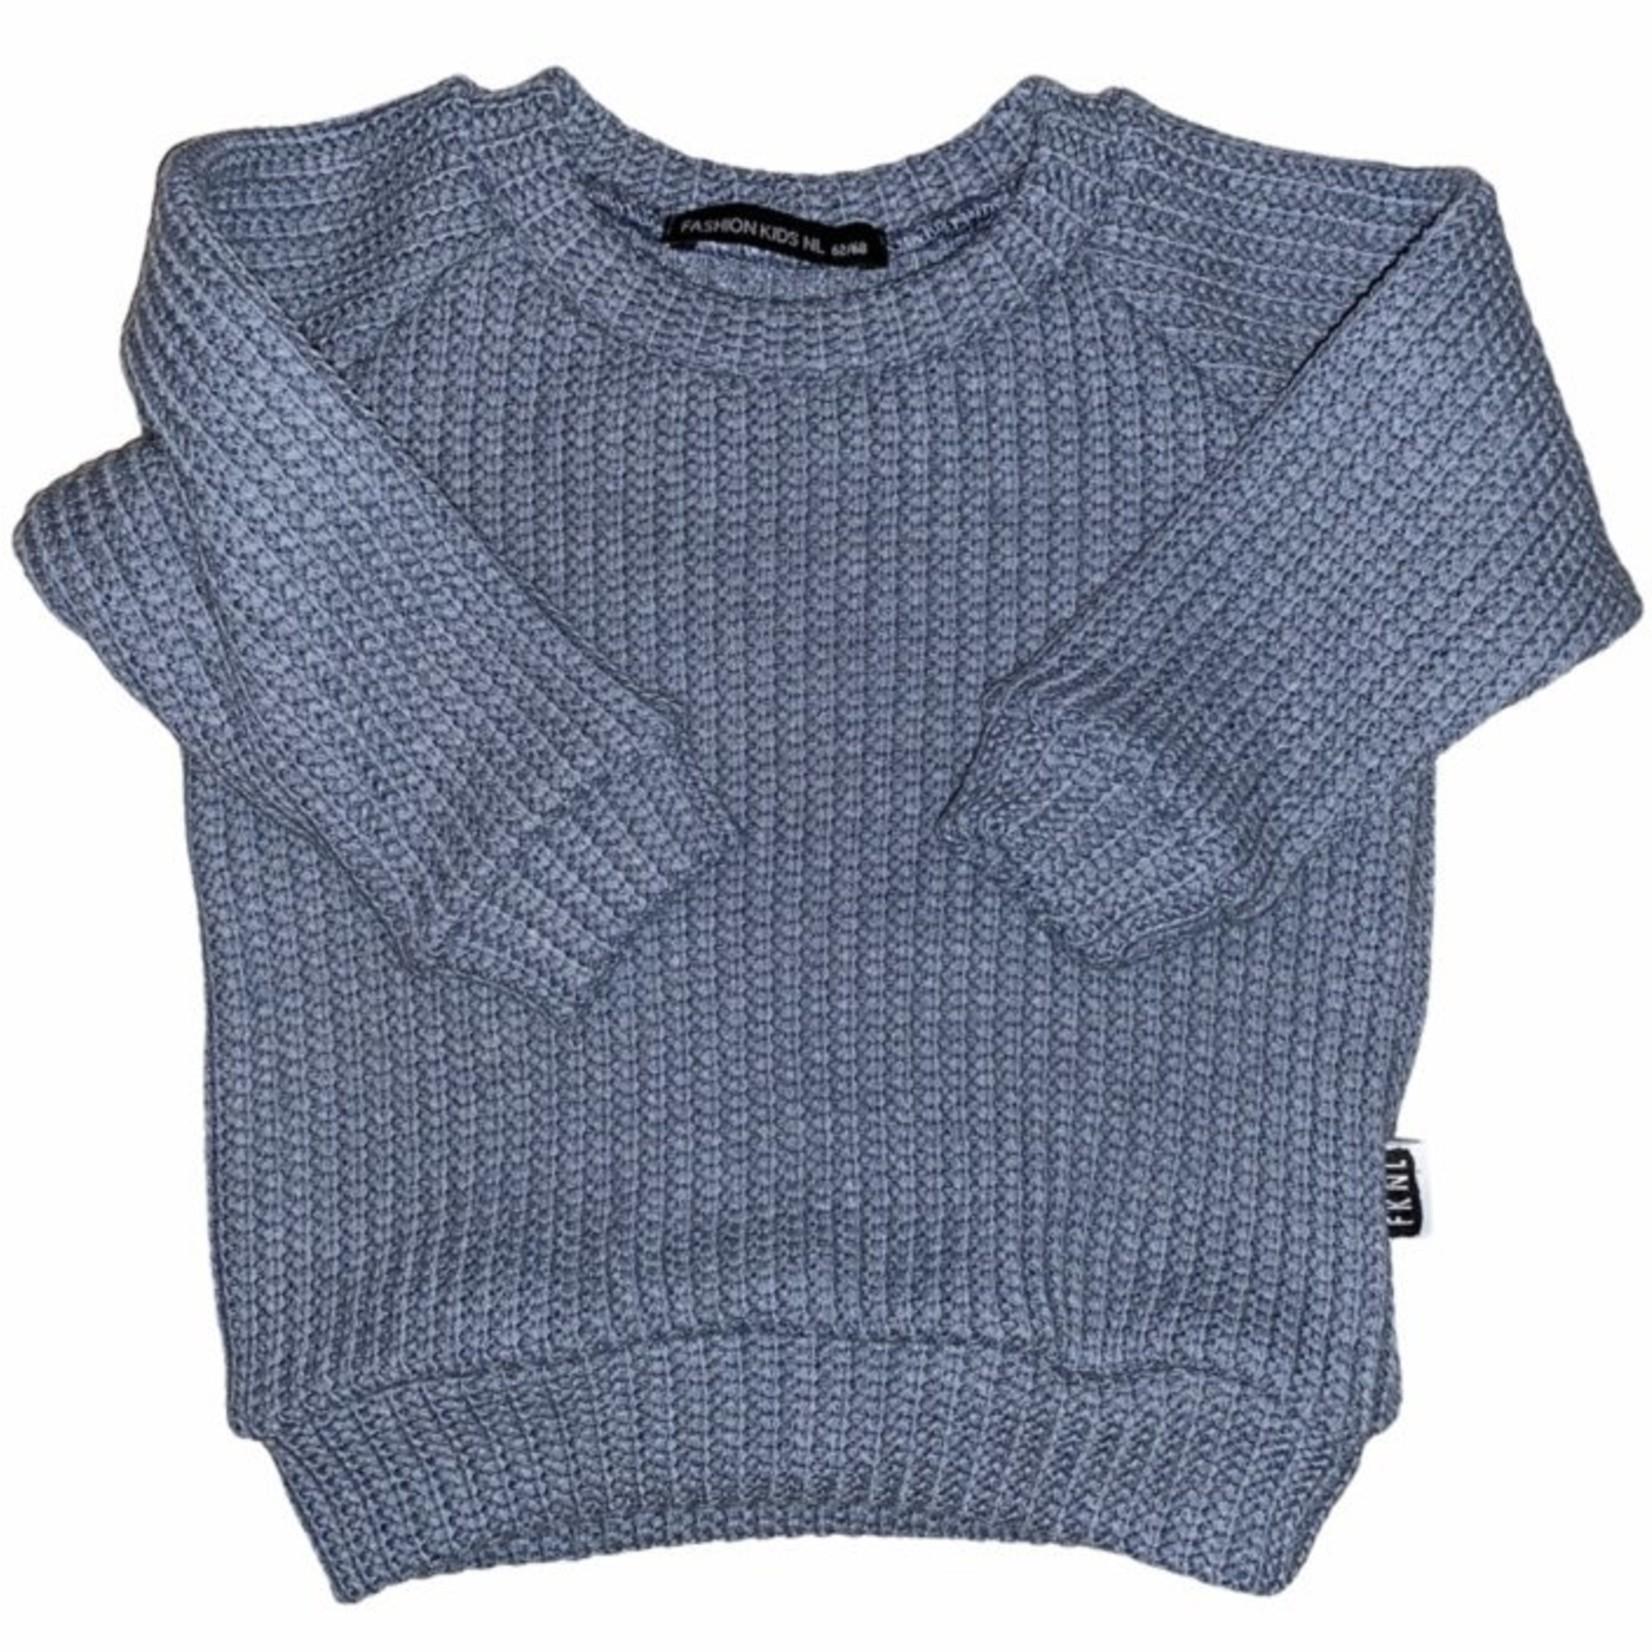 Fashion Kids NL Oversized sweater ocean blue